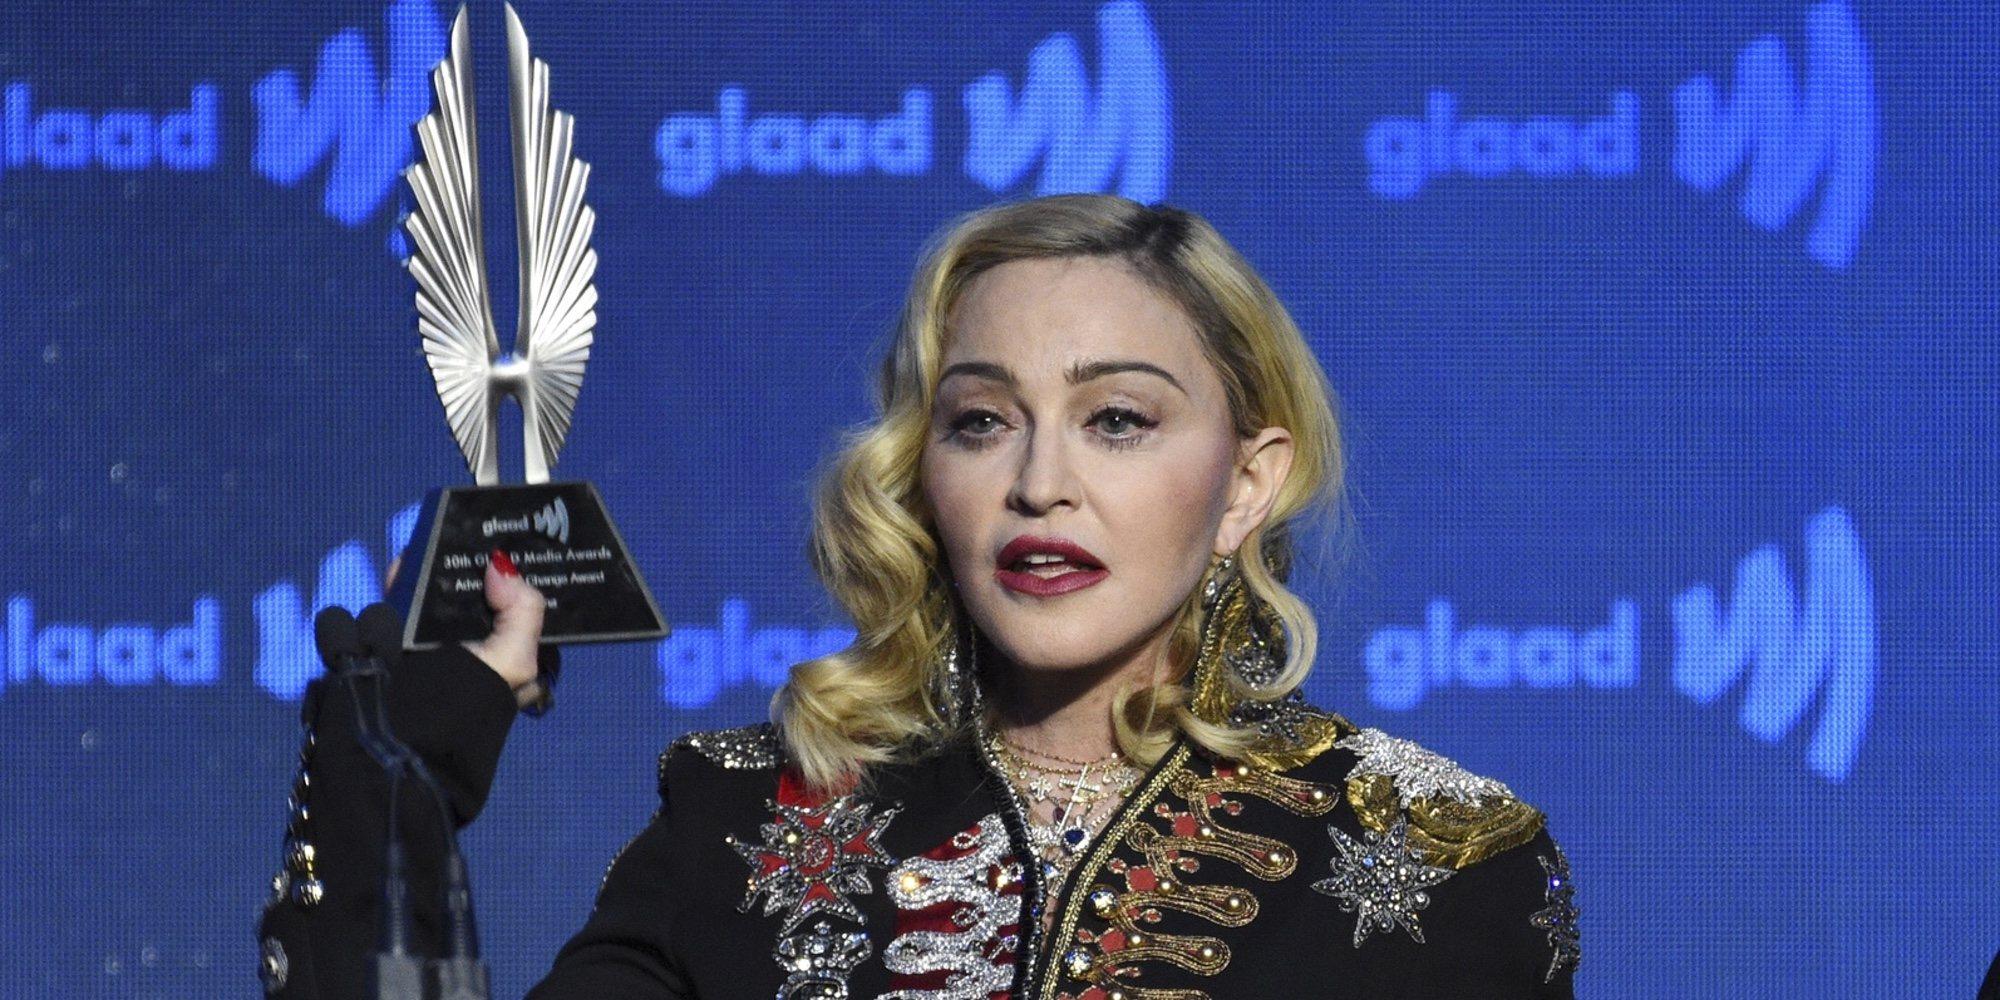 Madonna gana el premio Glaad 2019 por defender al colectivo LQTBIQ